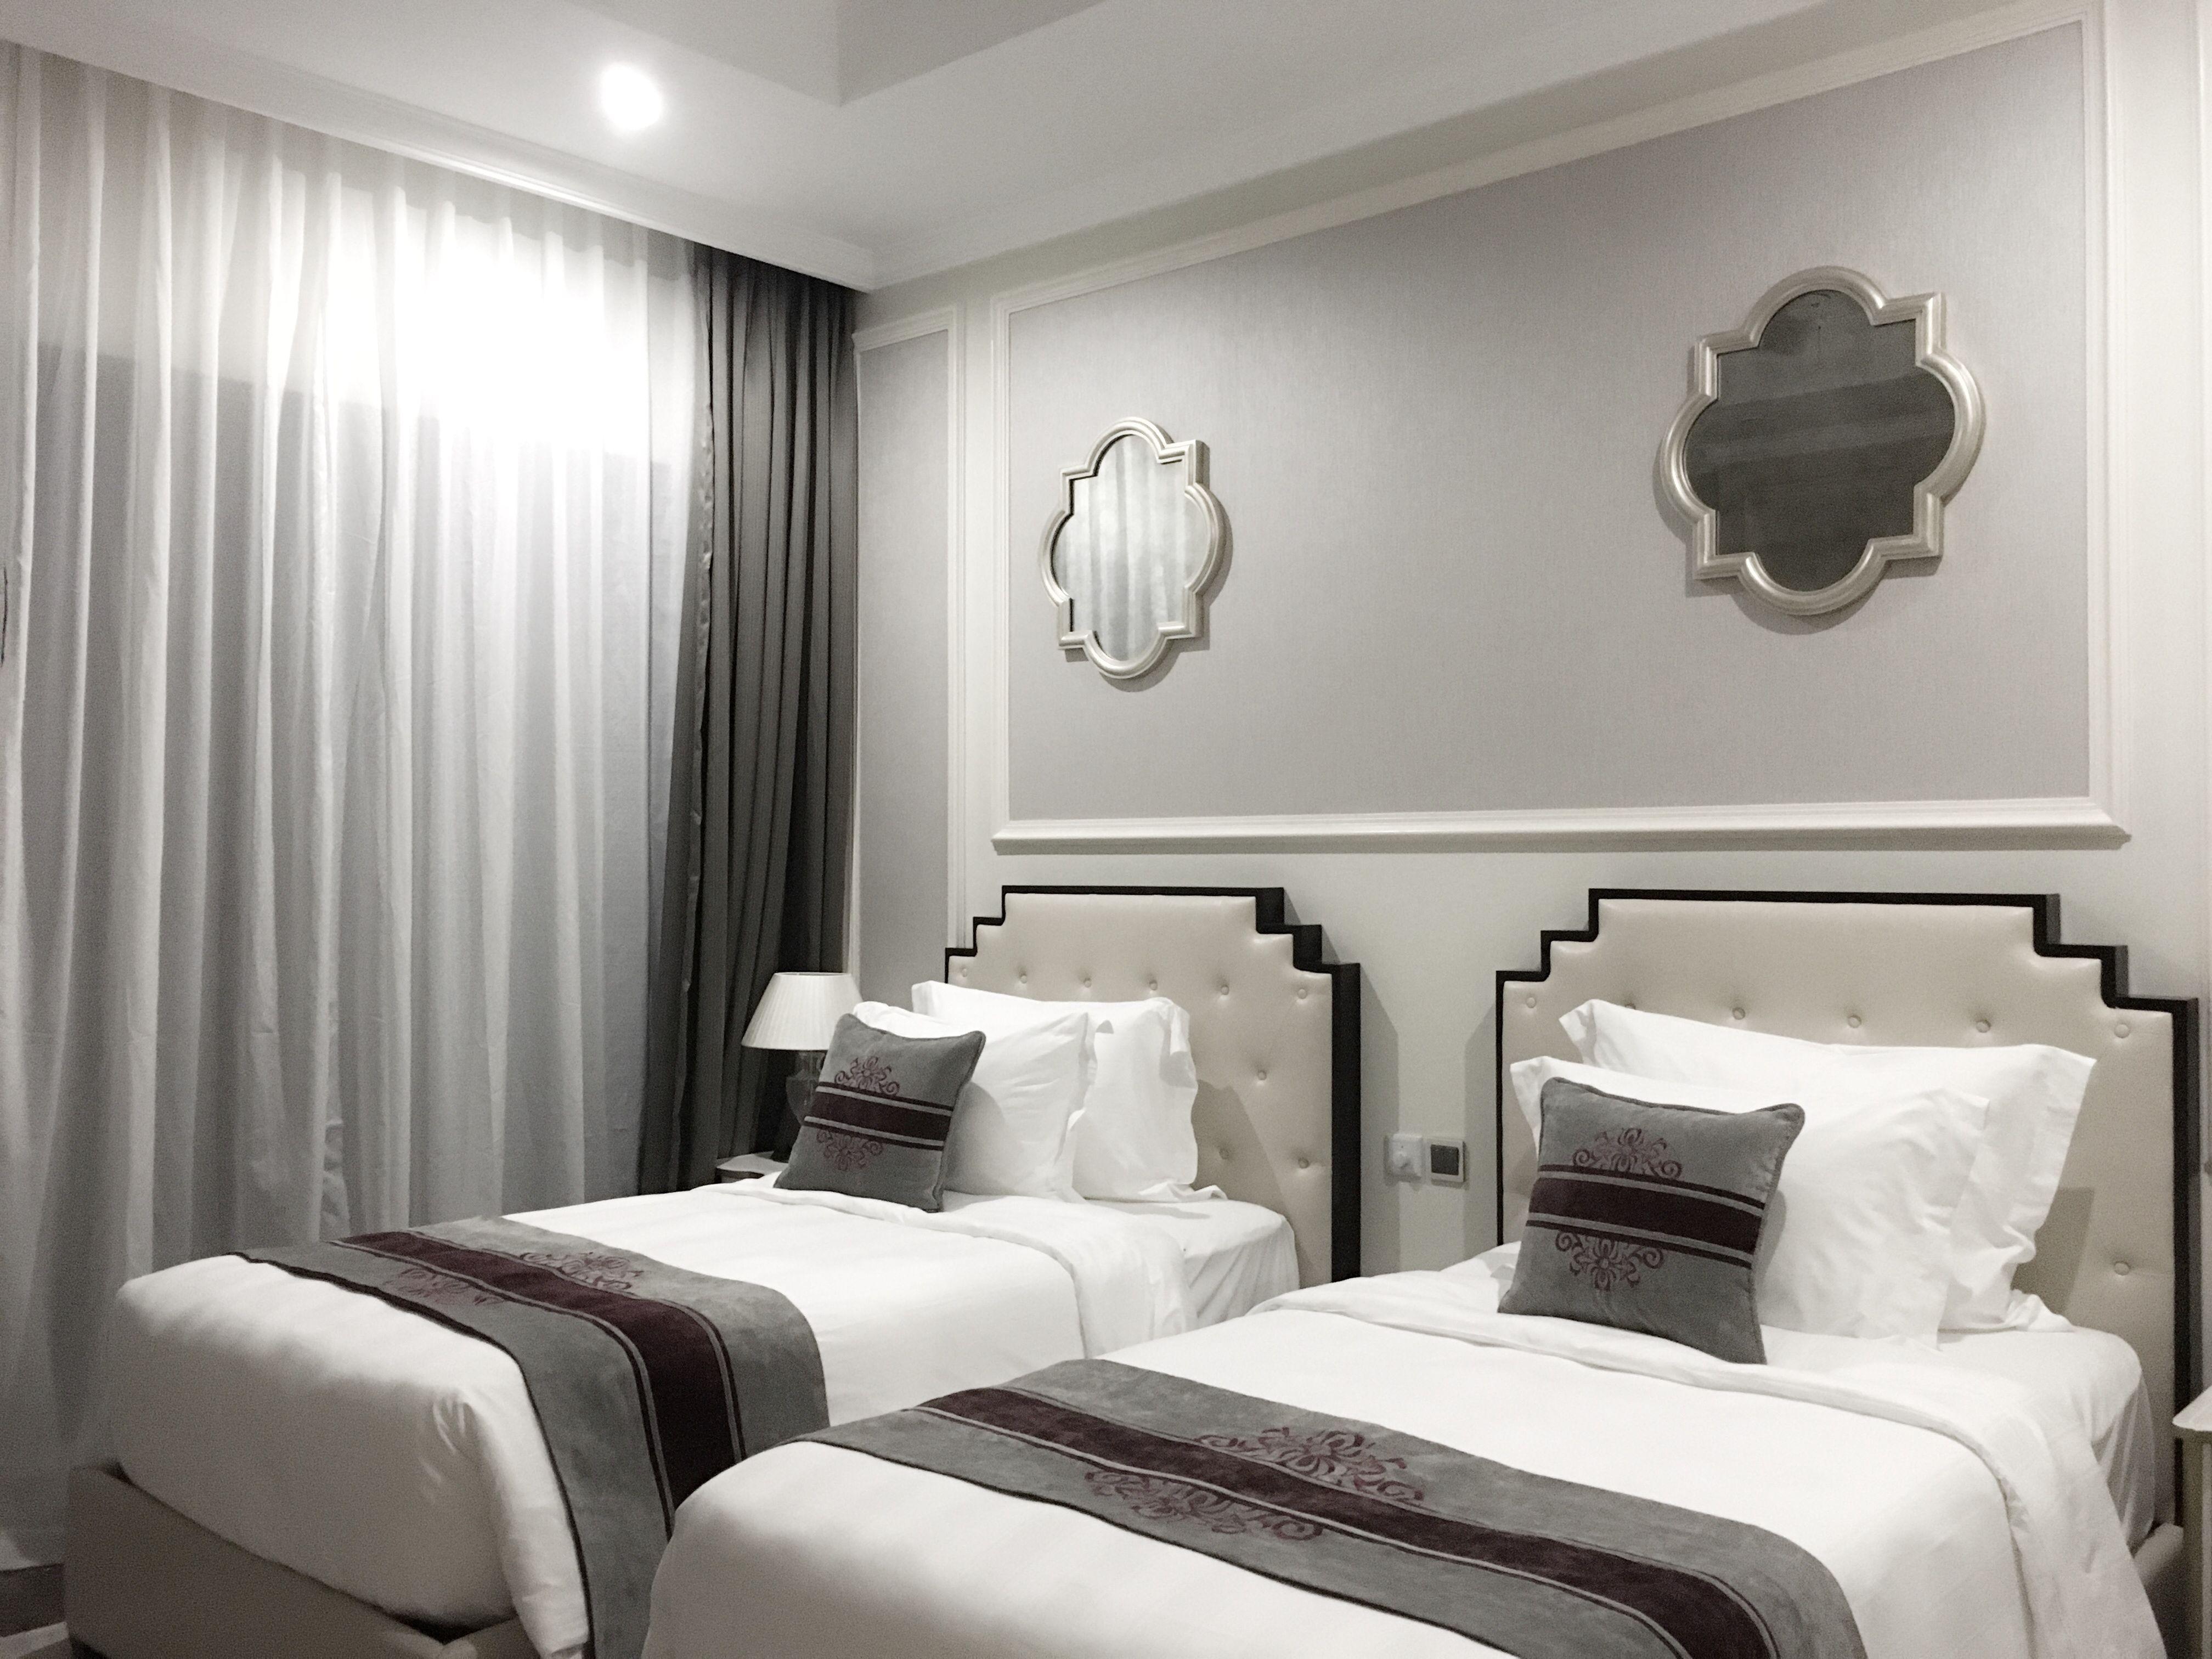 Pin by hoang phu dang thi on room ideals pinterest room